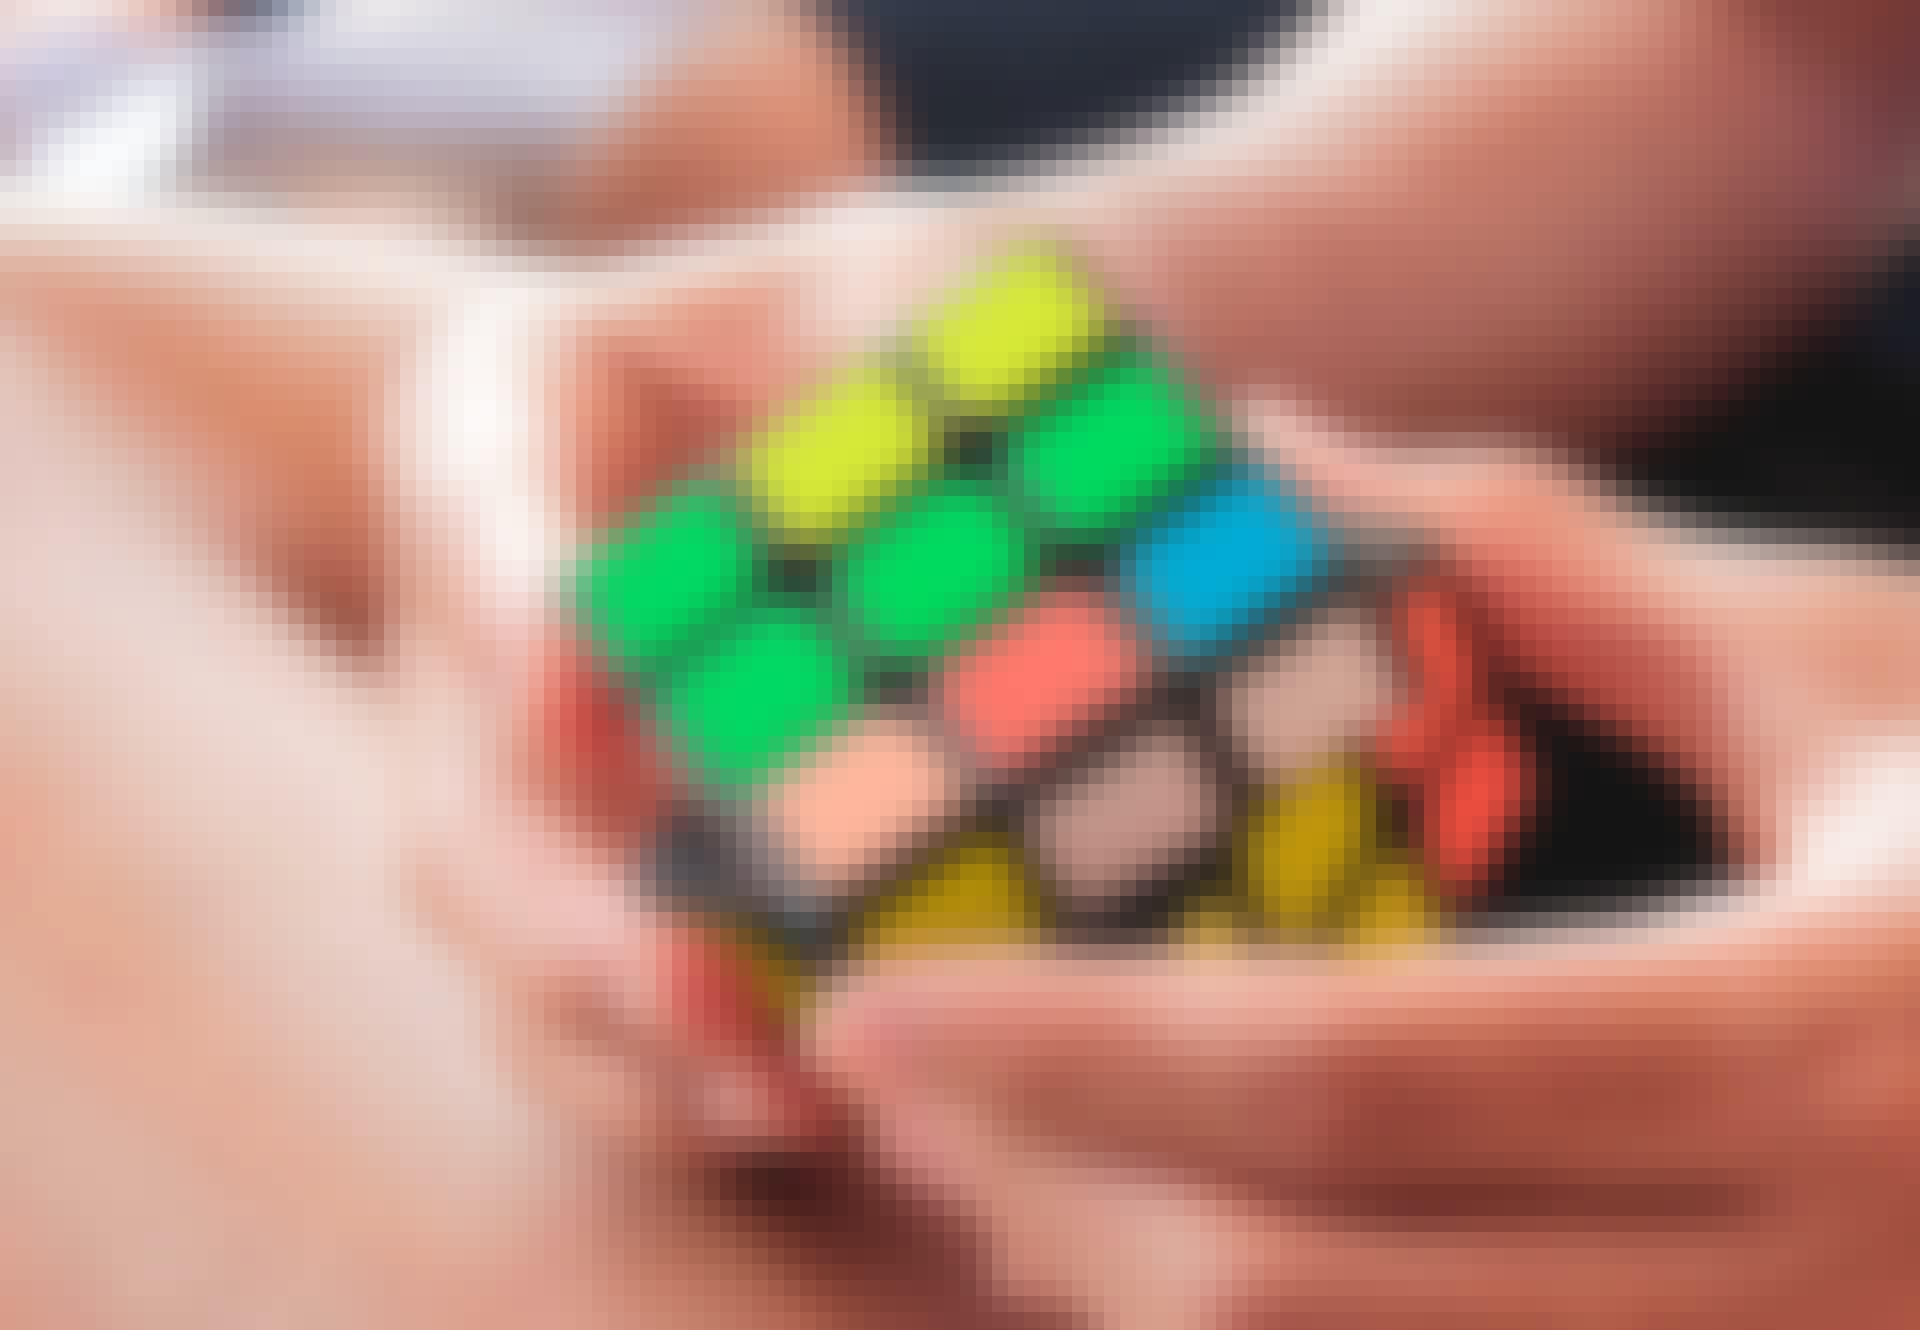 Mies ratkaisee Rubikin kuutiota